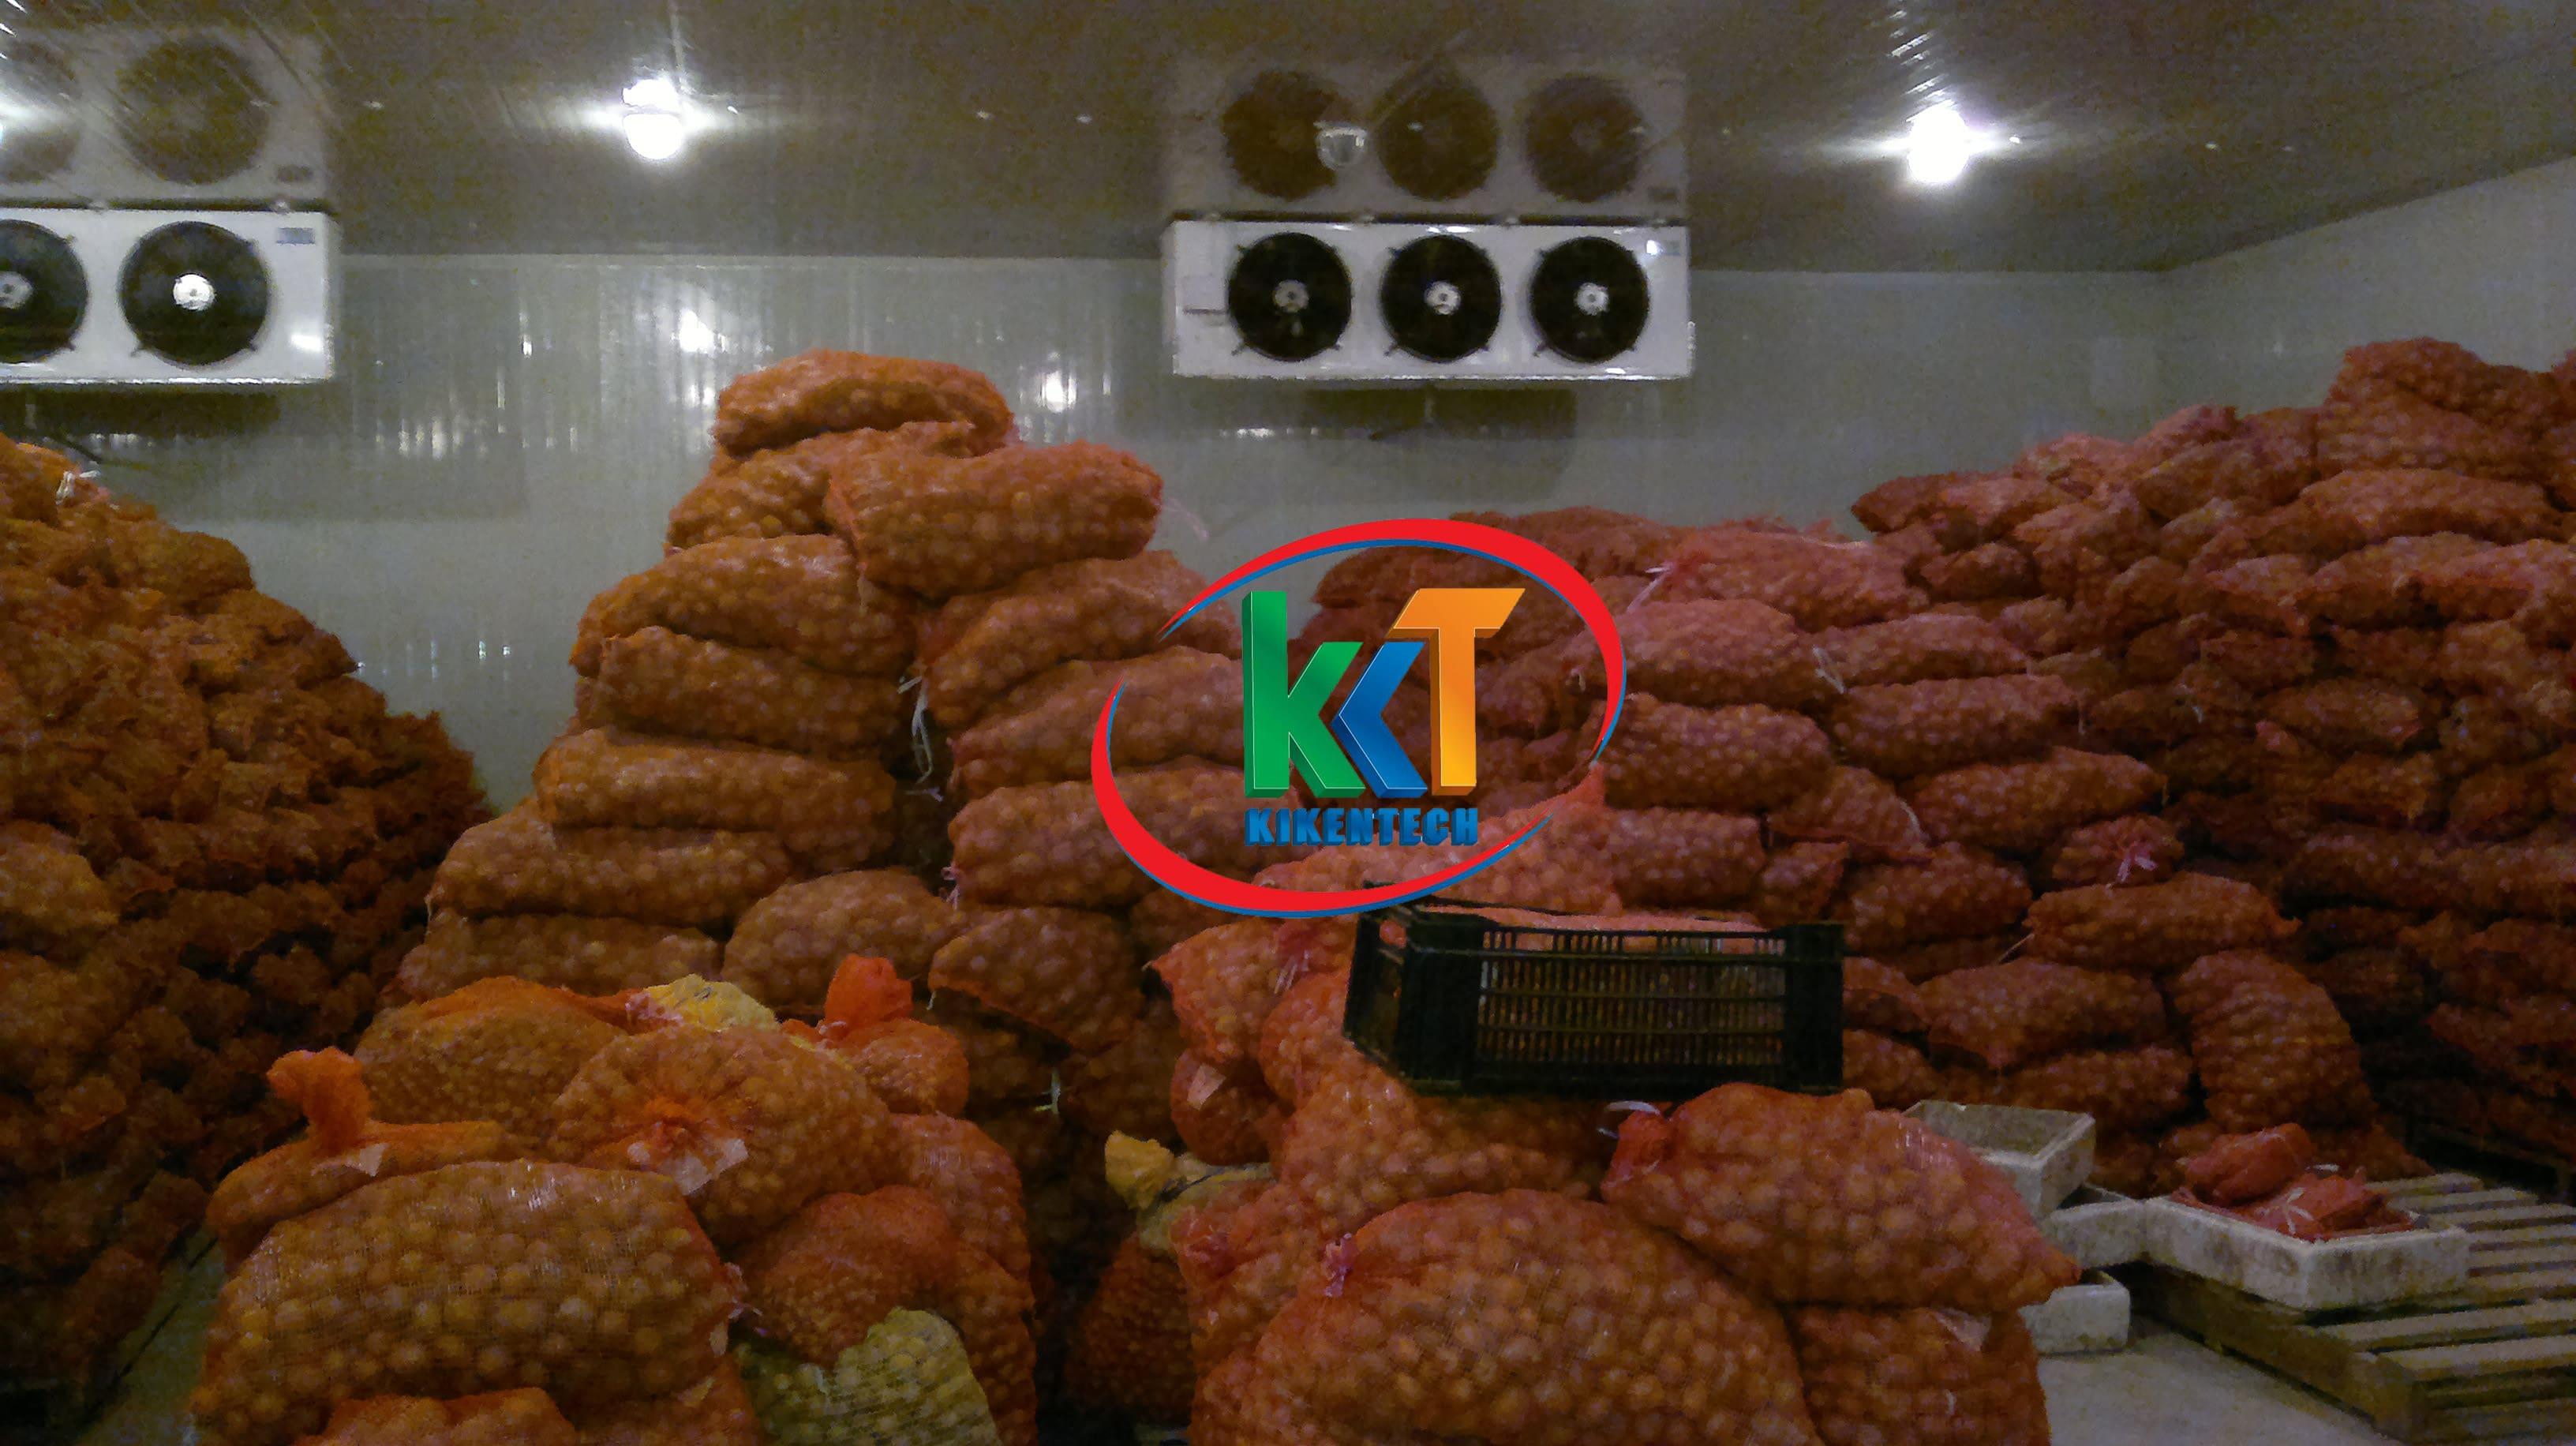 Lắp đặt kho lạnh bảo quản khoai tây để không bị hư hại làm giảm hiệu quả kinh tế. Lắp đặt kho lạnh bảo quản cần đáp ứng các yêu cầu khắt khe để khoai k hỏng